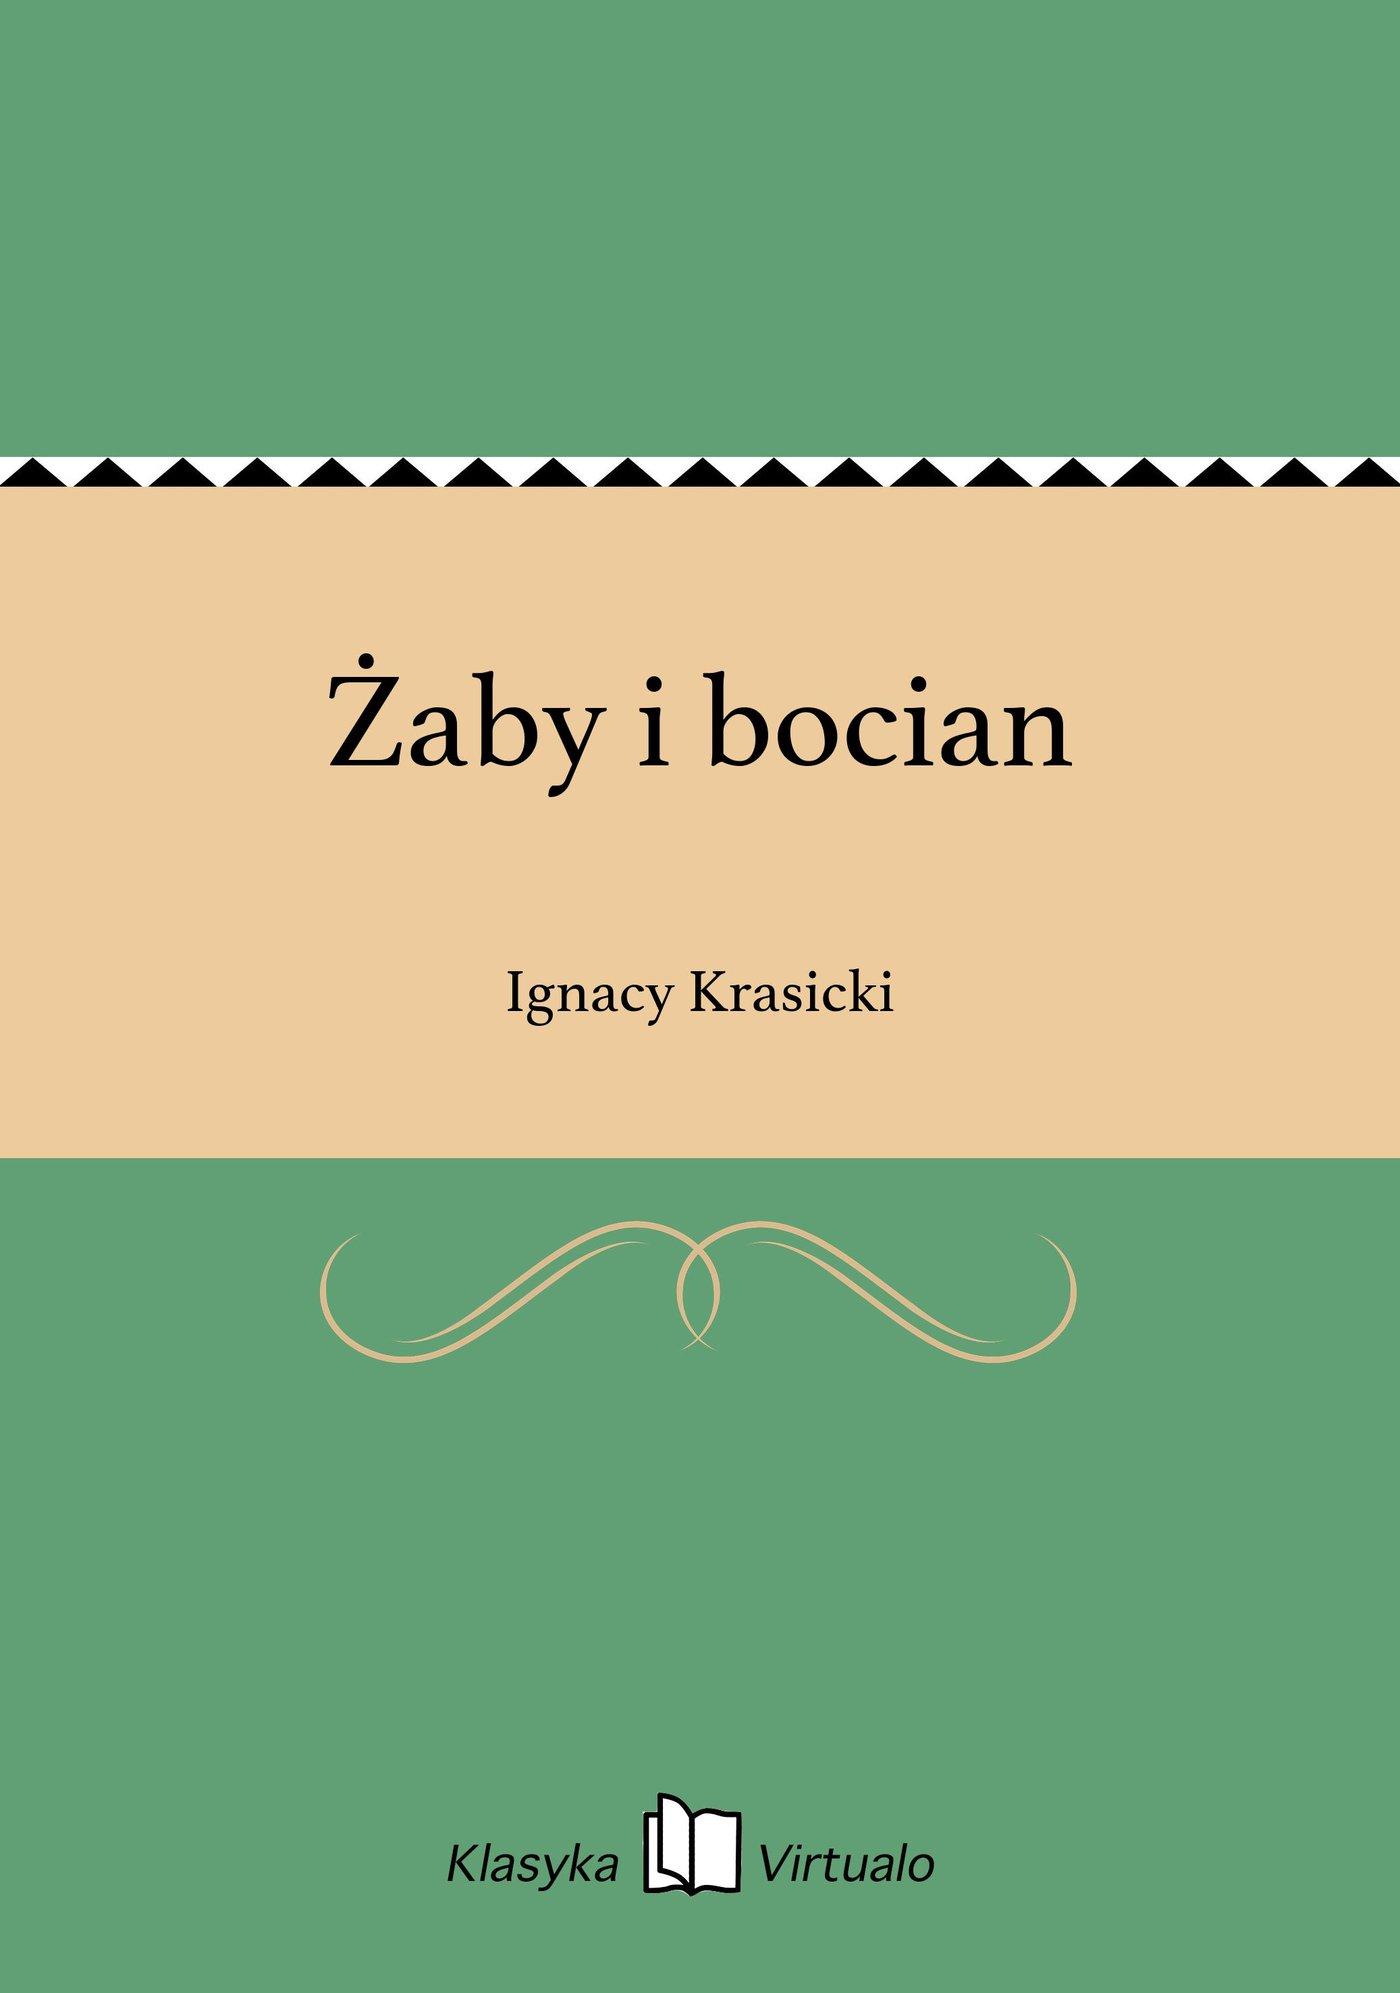 Żaby i bocian - Ebook (Książka EPUB) do pobrania w formacie EPUB